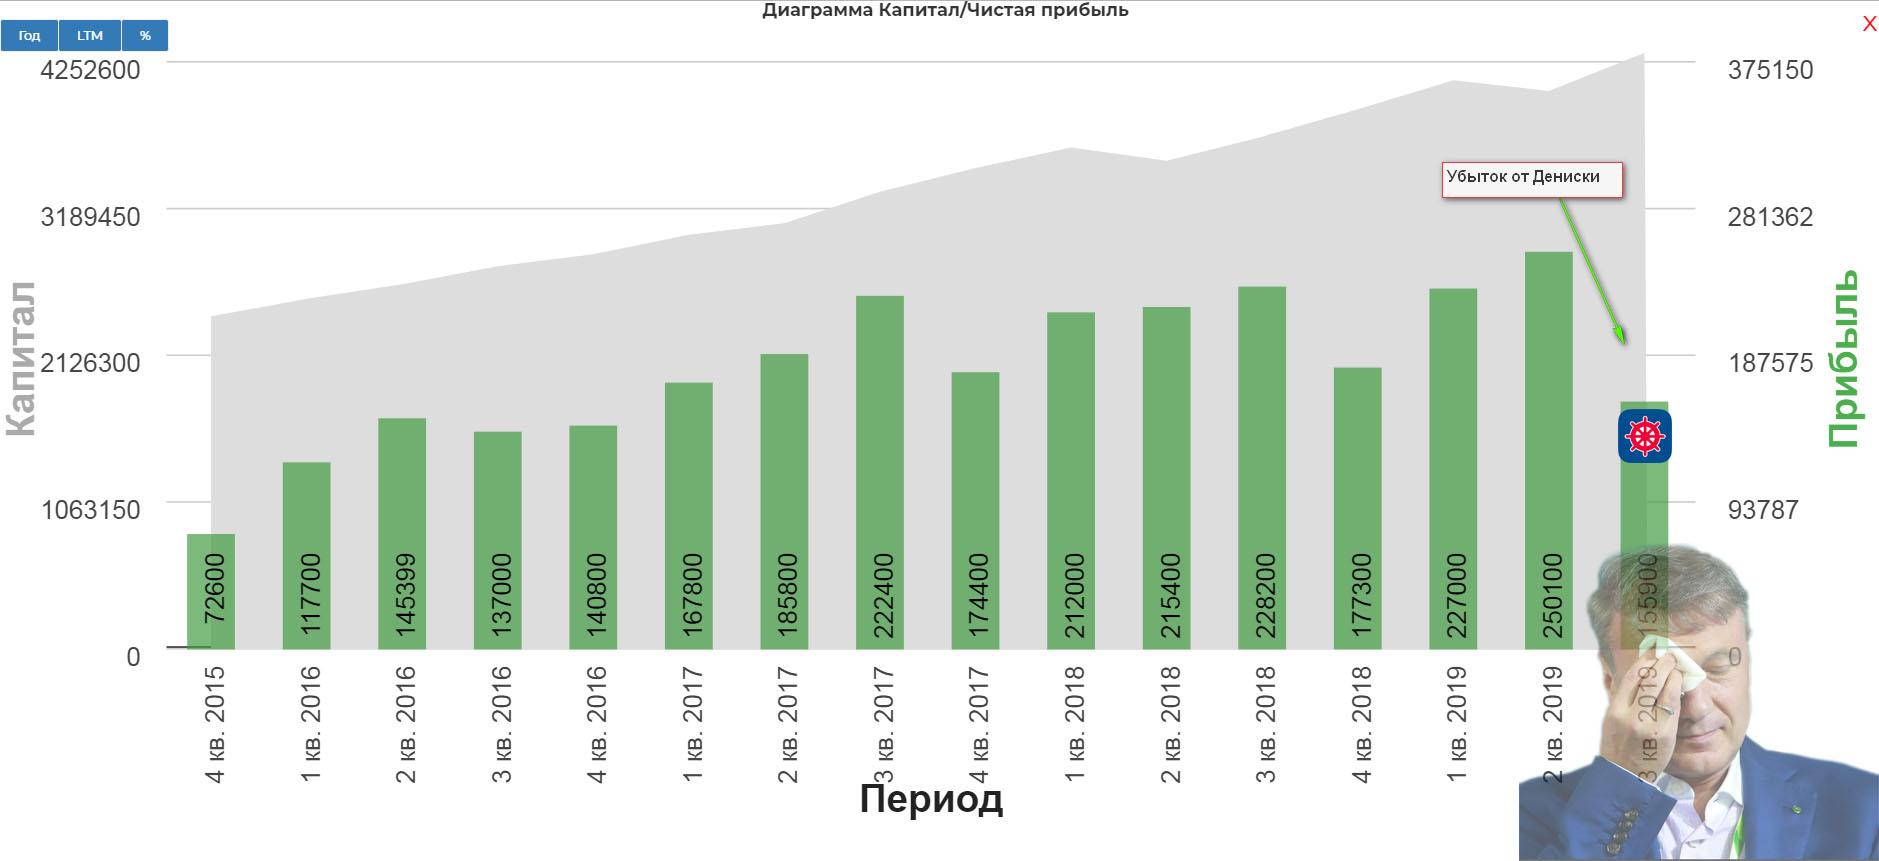 Сбербанк 3кв 2019 МСФО Катастрофическое замедление. Ракете не хватает топлива!